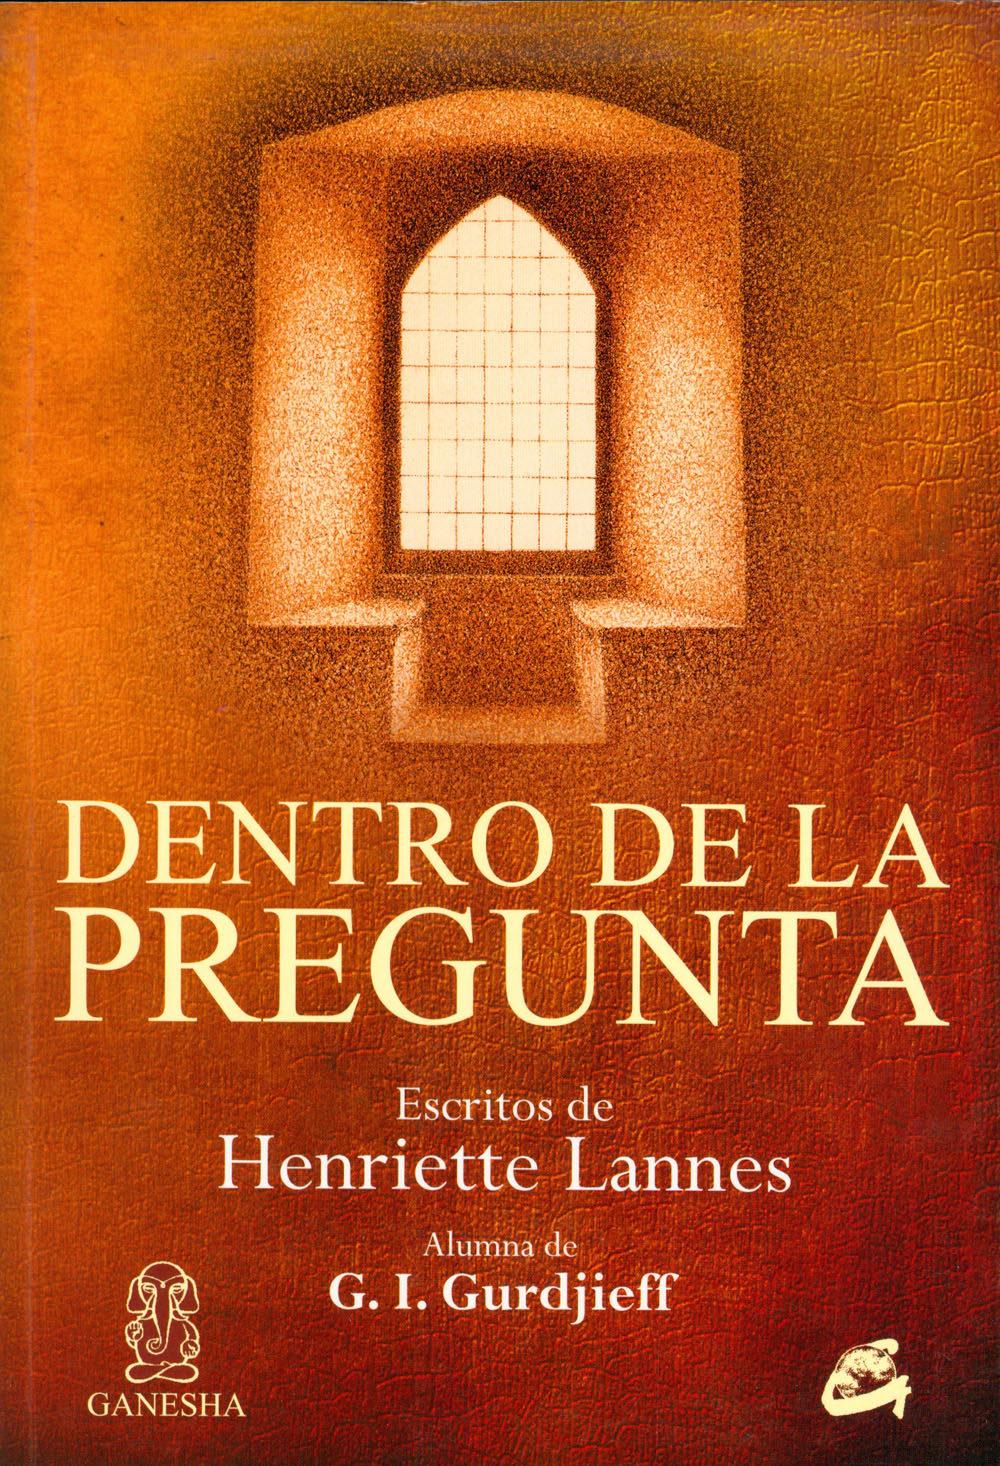 dentro de la pregunta-henriette lannes-9788484453345